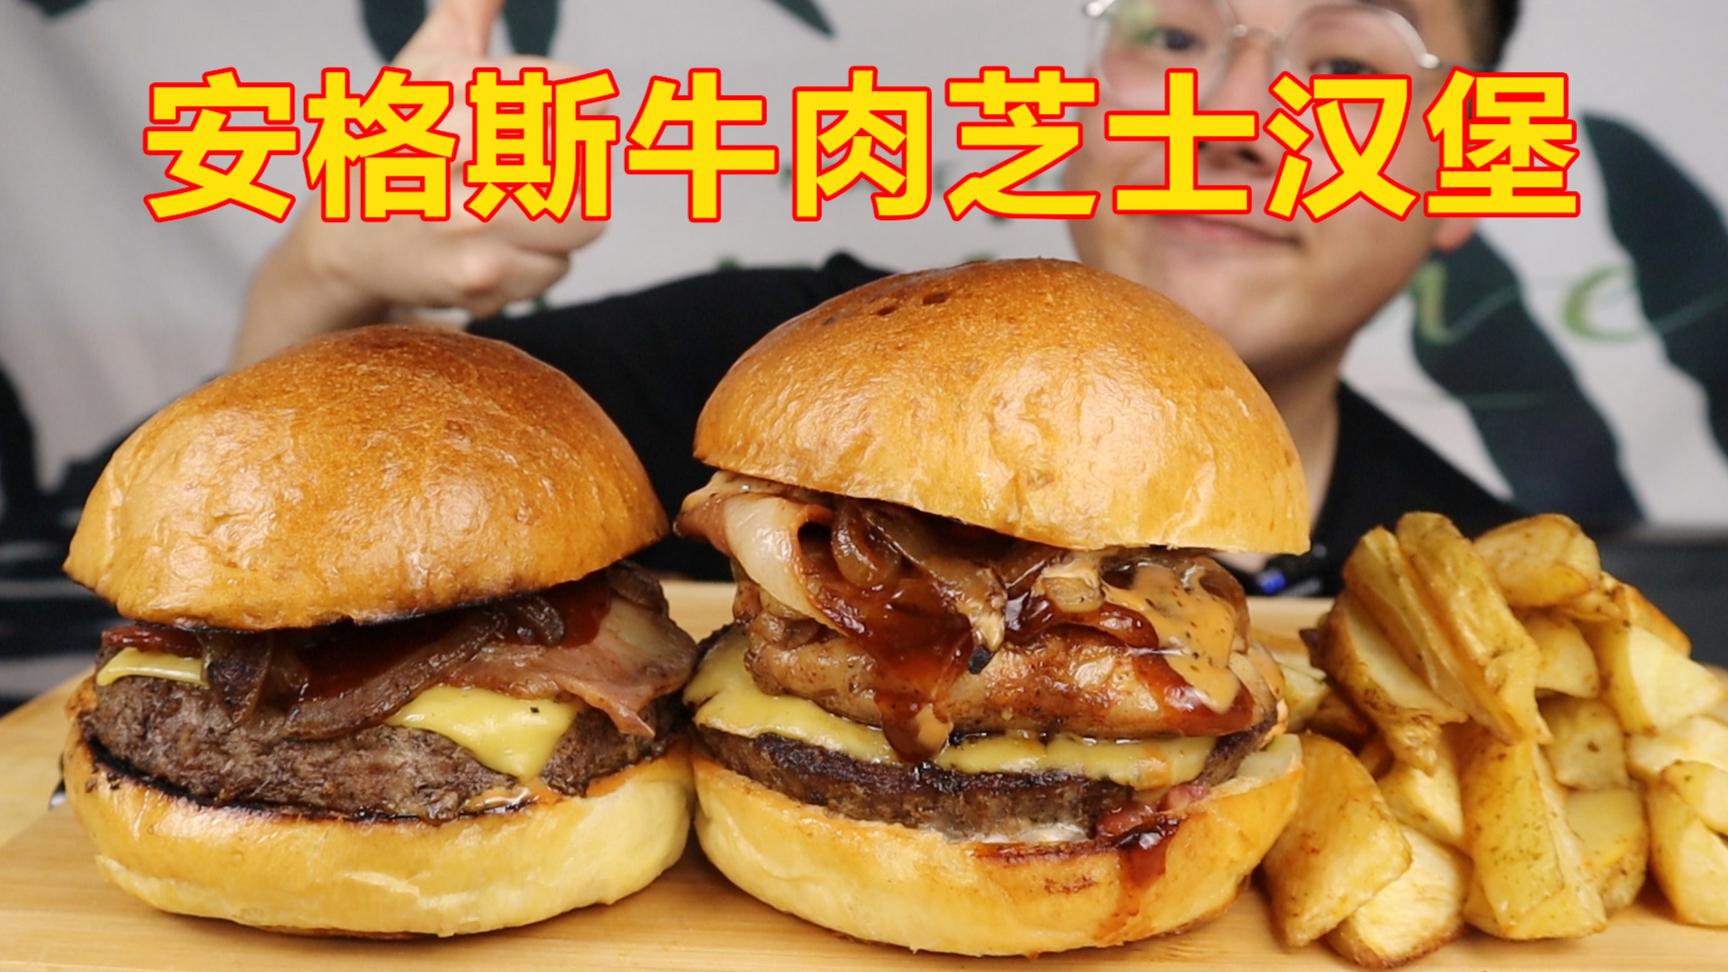 超大安格斯牛肉芝士汉堡,这是我吃过最棒的汉堡,肉食者的盛宴!